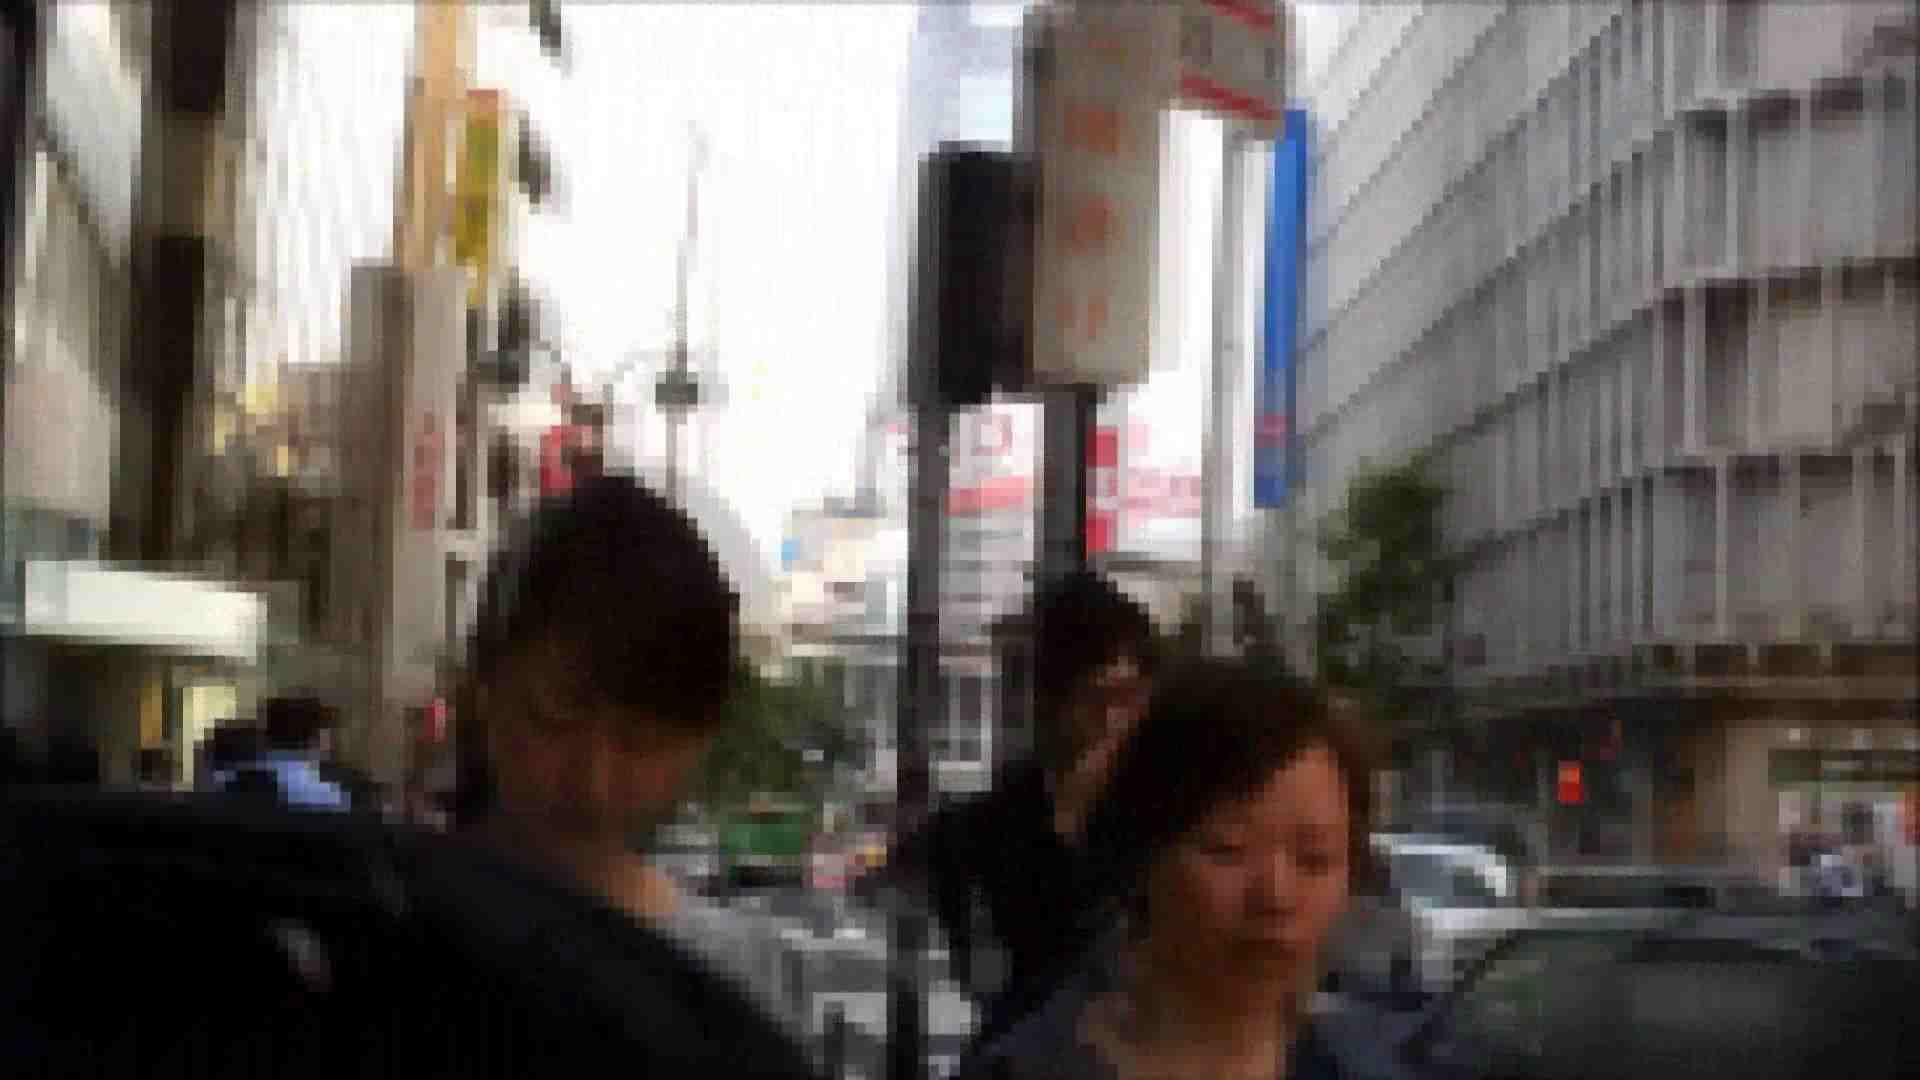 ガールズパンチラストリートビューVol.001 エロティックなOL 盗撮画像 106画像 78